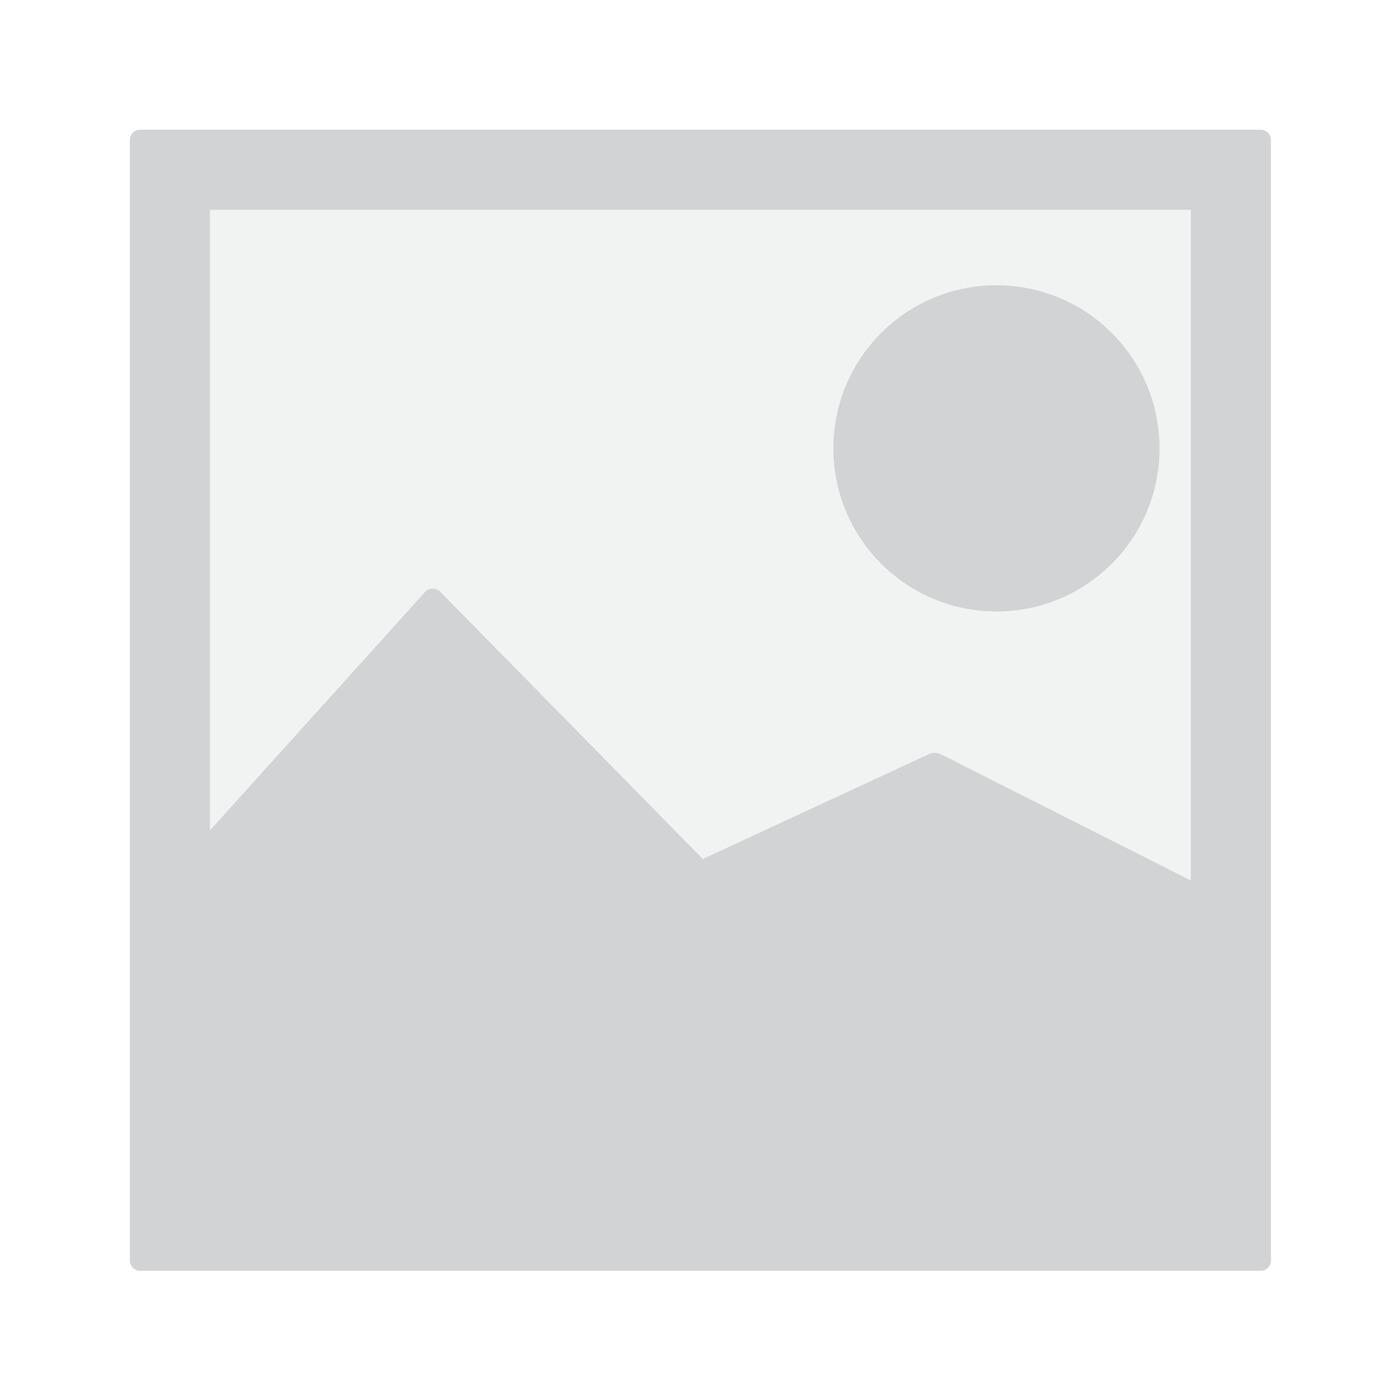 Kletter dschungel 2,05   2,40 m online bestellen   jako o